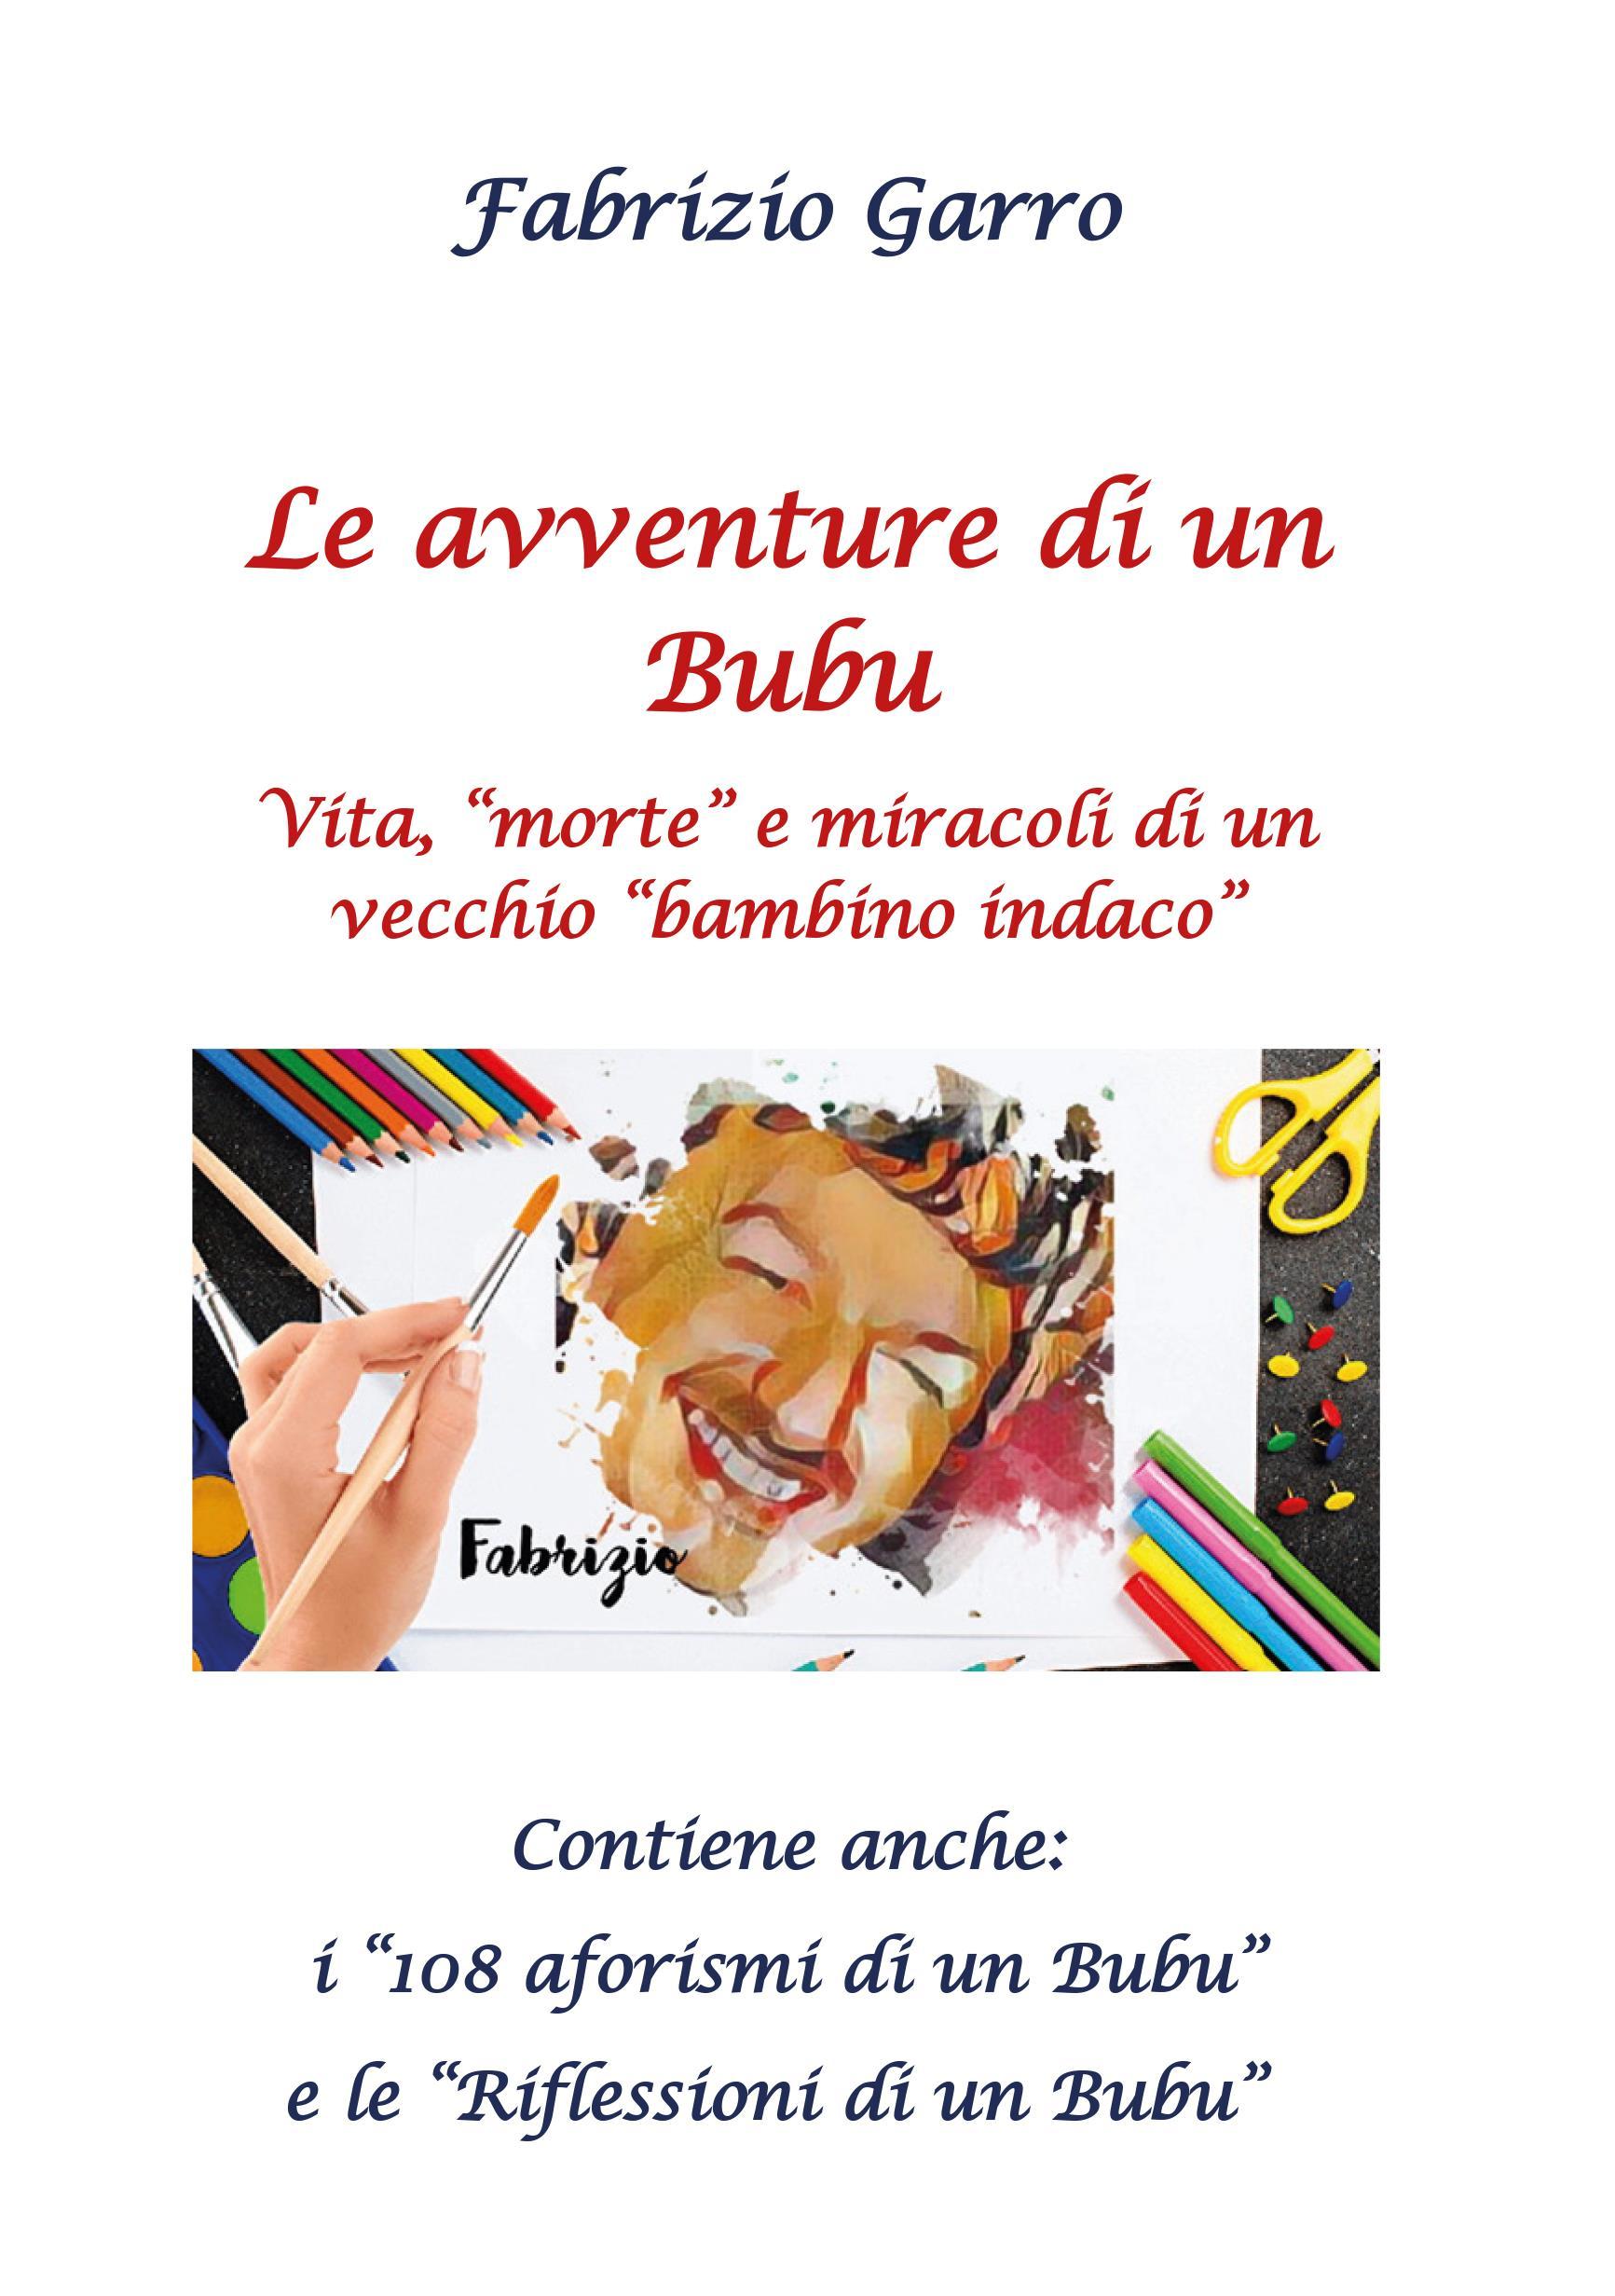 Le avventure di un Bubu